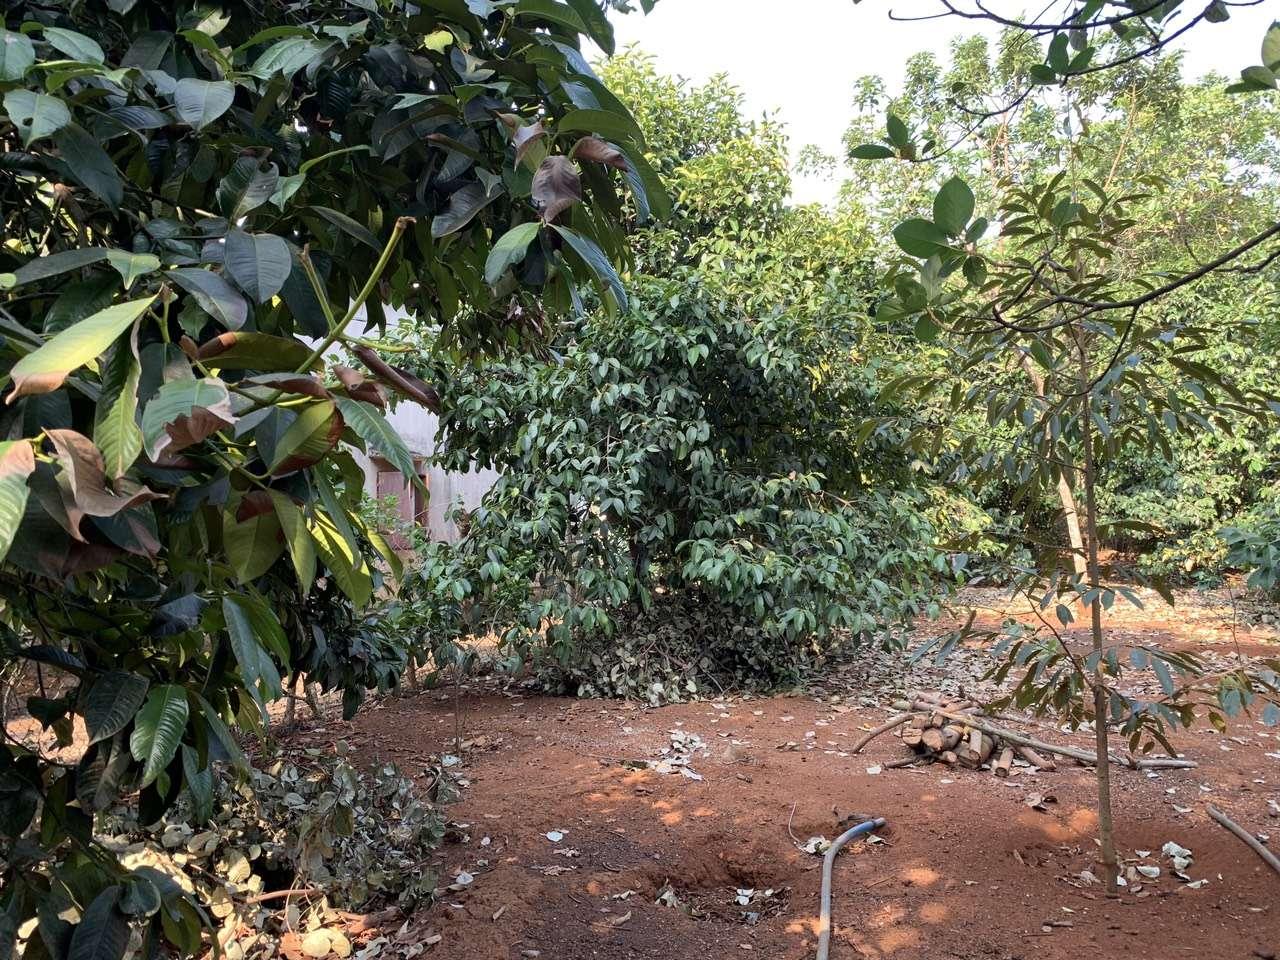 N007 - Bán đất có vườn cây ăn trái, có 3 mặt tiền, giá 2,6 tỷ tại Xà Bang, Châu Đức, BRVT   VOVEREAL